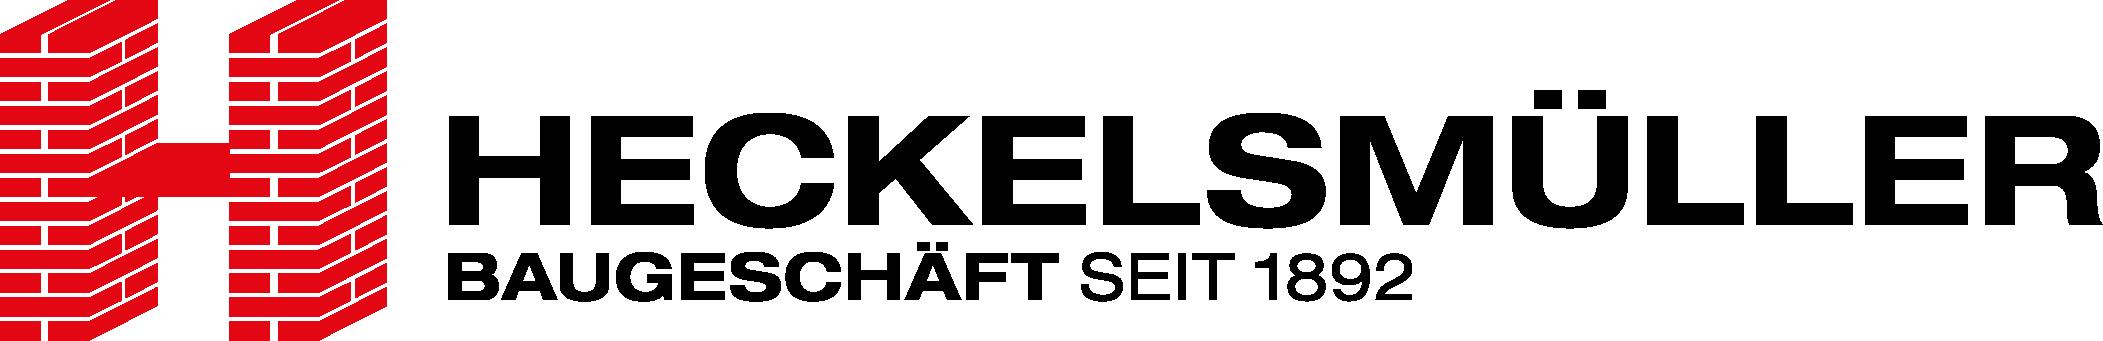 Heckelsmüller